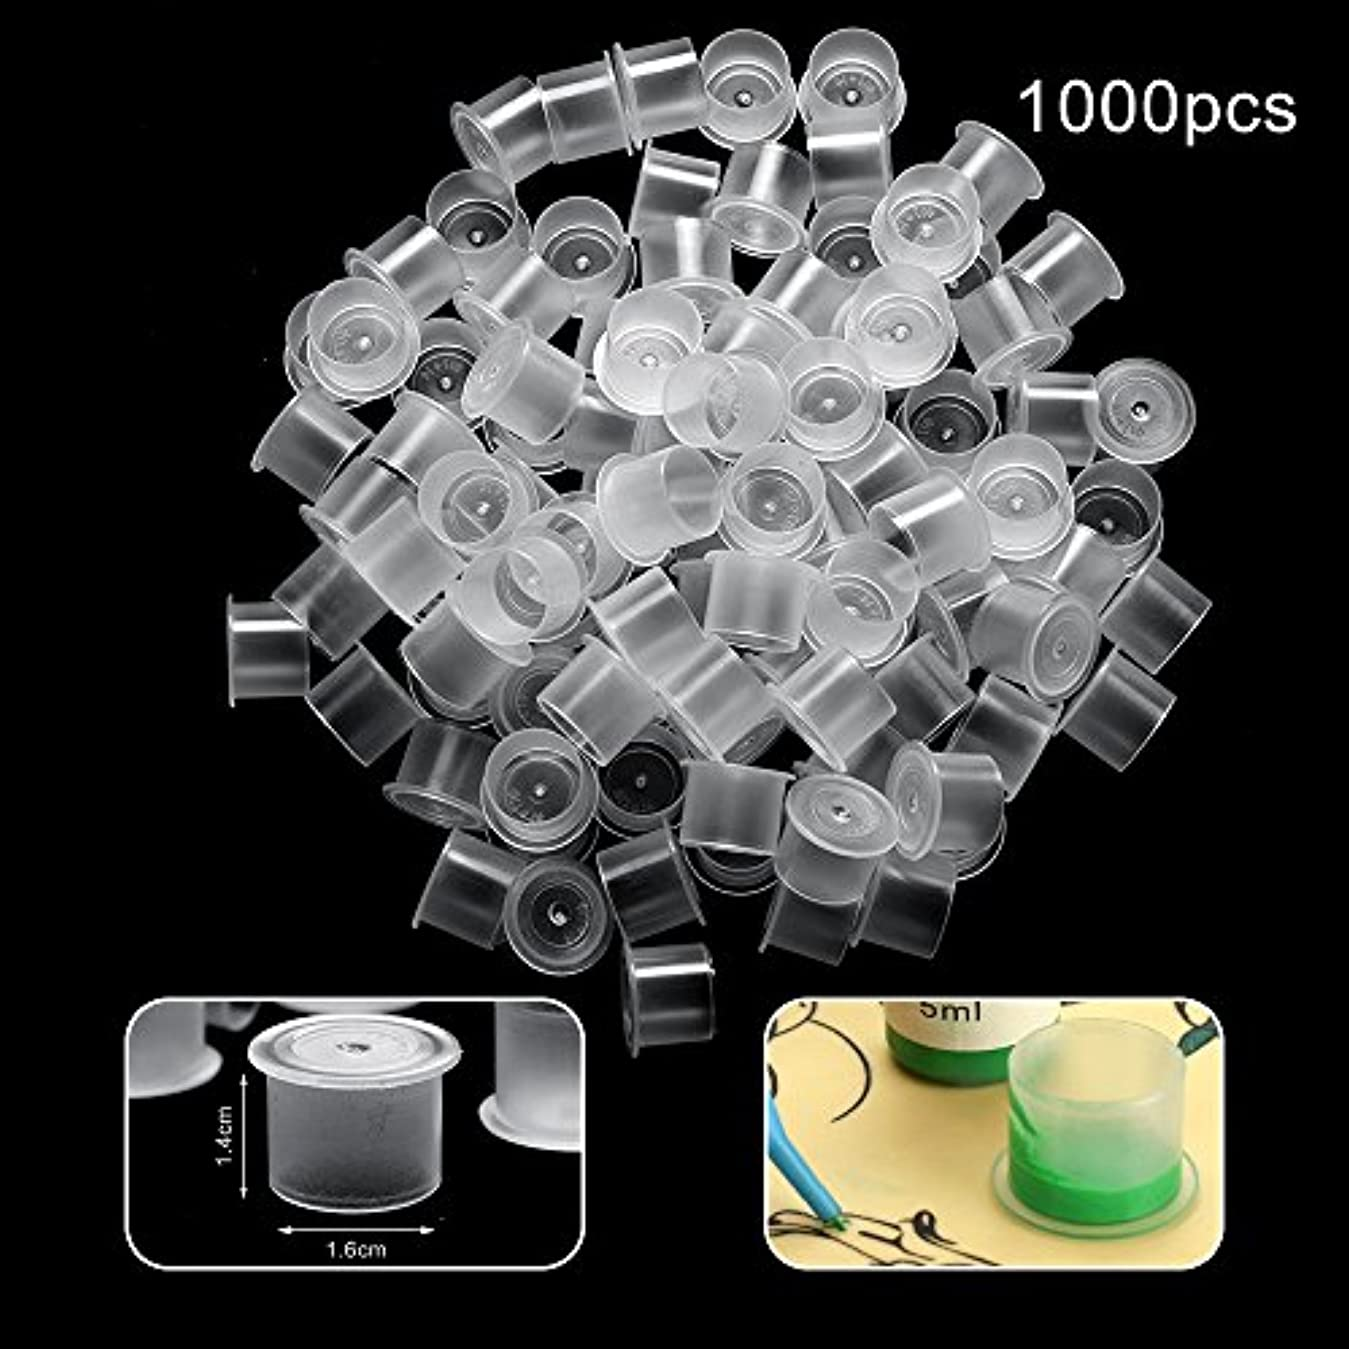 報告書仕出しますシェルターATOMUSタトゥーインクキャップ 使い捨て顔料インクカップ 永久的な眉毛入れ墨ピグメントコンテナ 100個-500個-1000個セット 大中小 3サイズ (1.4*1.6cm 大 1000pcs)